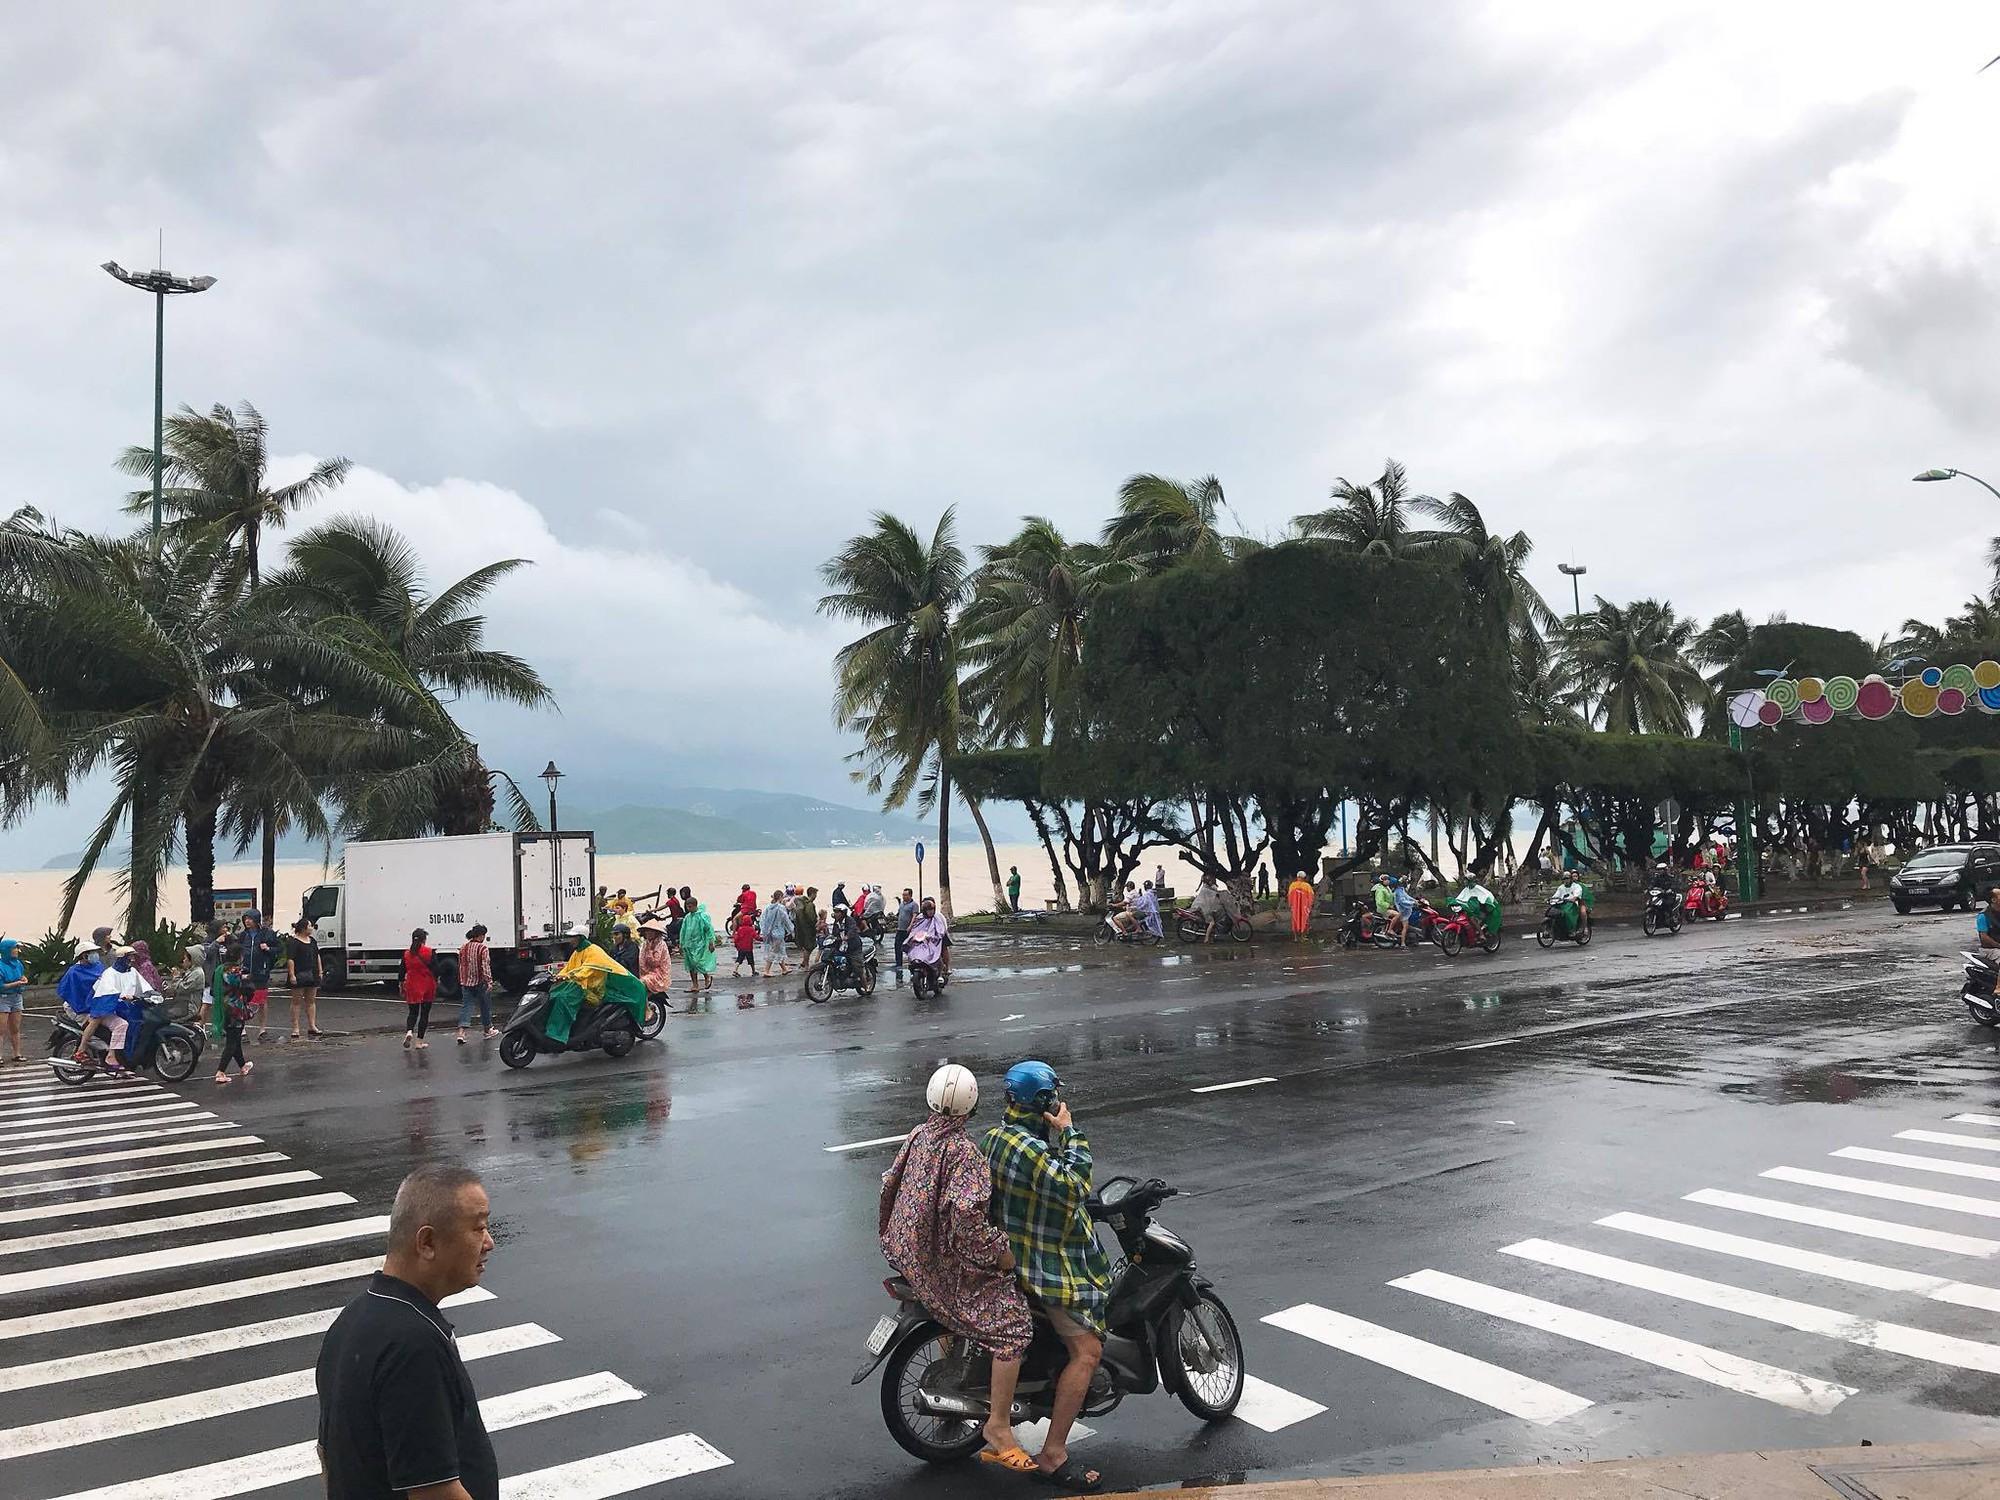 Chùm ảnh: Đường phố Nha Trang tan tác sau khi cơn bão số 12 càn quét - Ảnh 2.